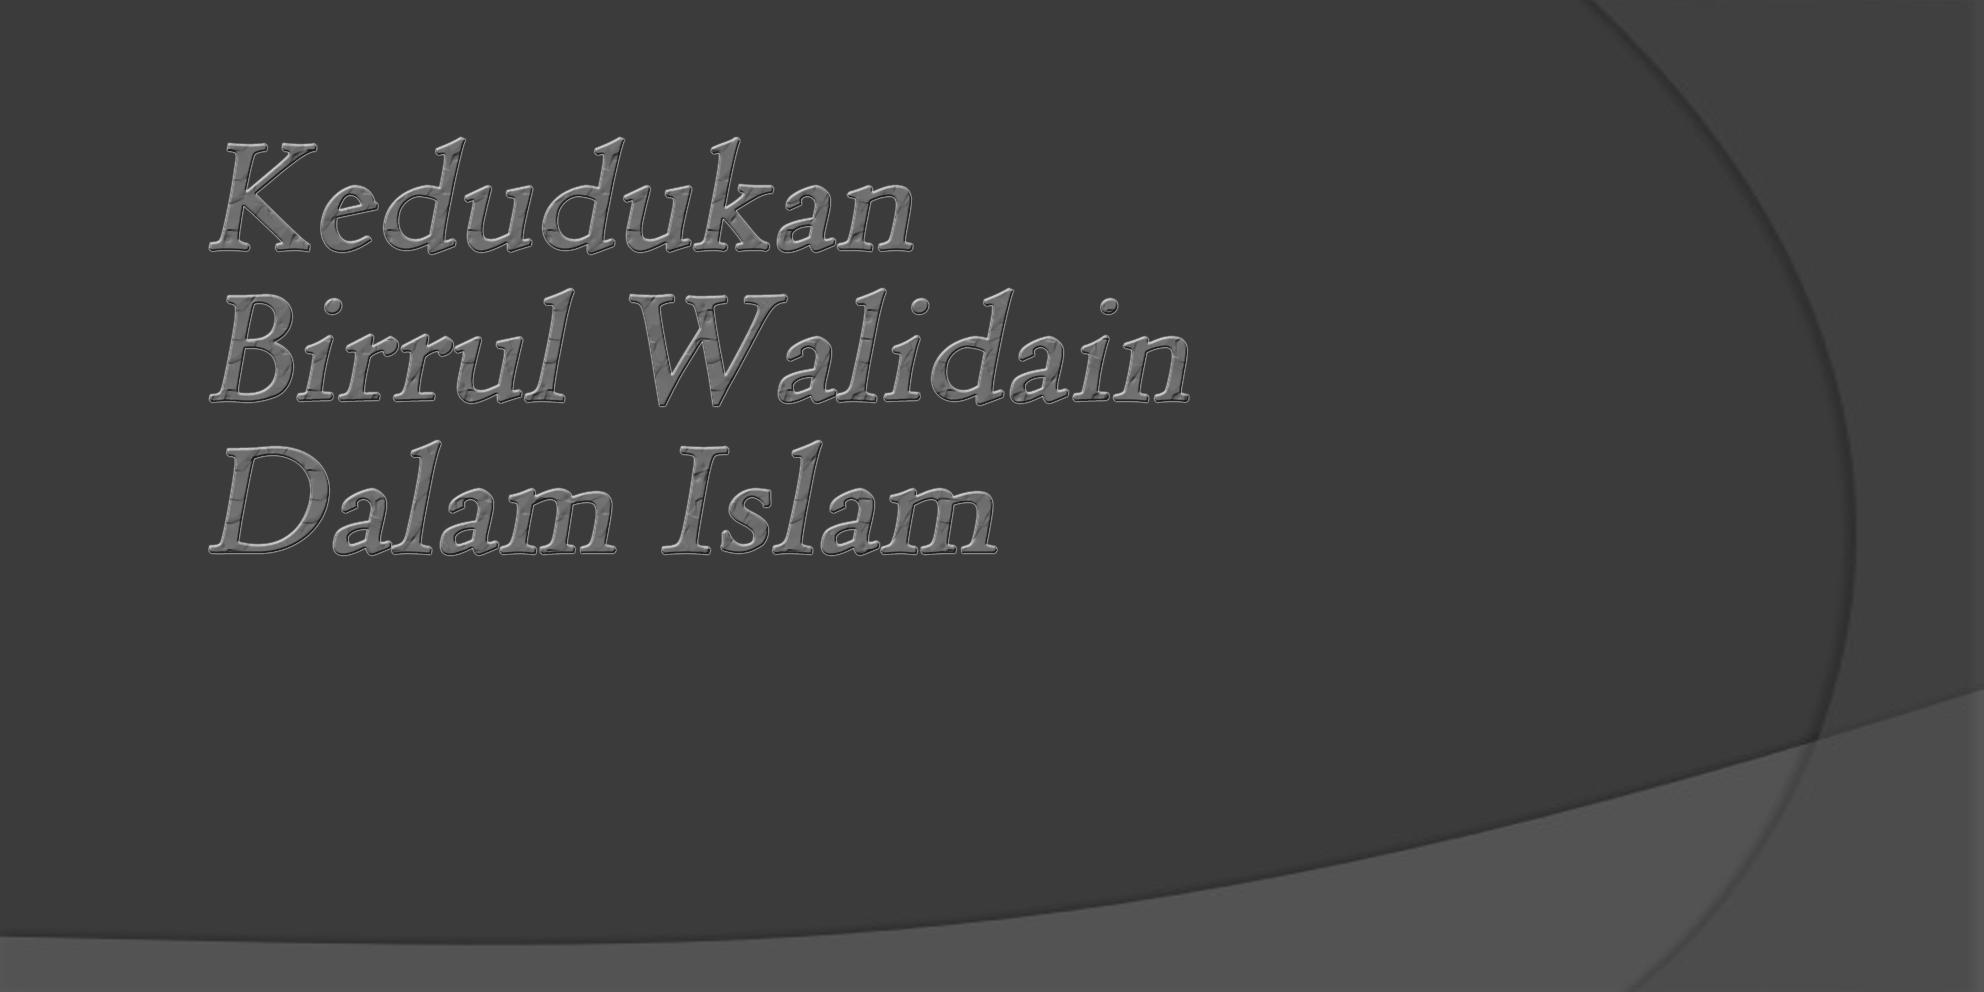 Kedudukan Birrul Walidain Dalam Islam